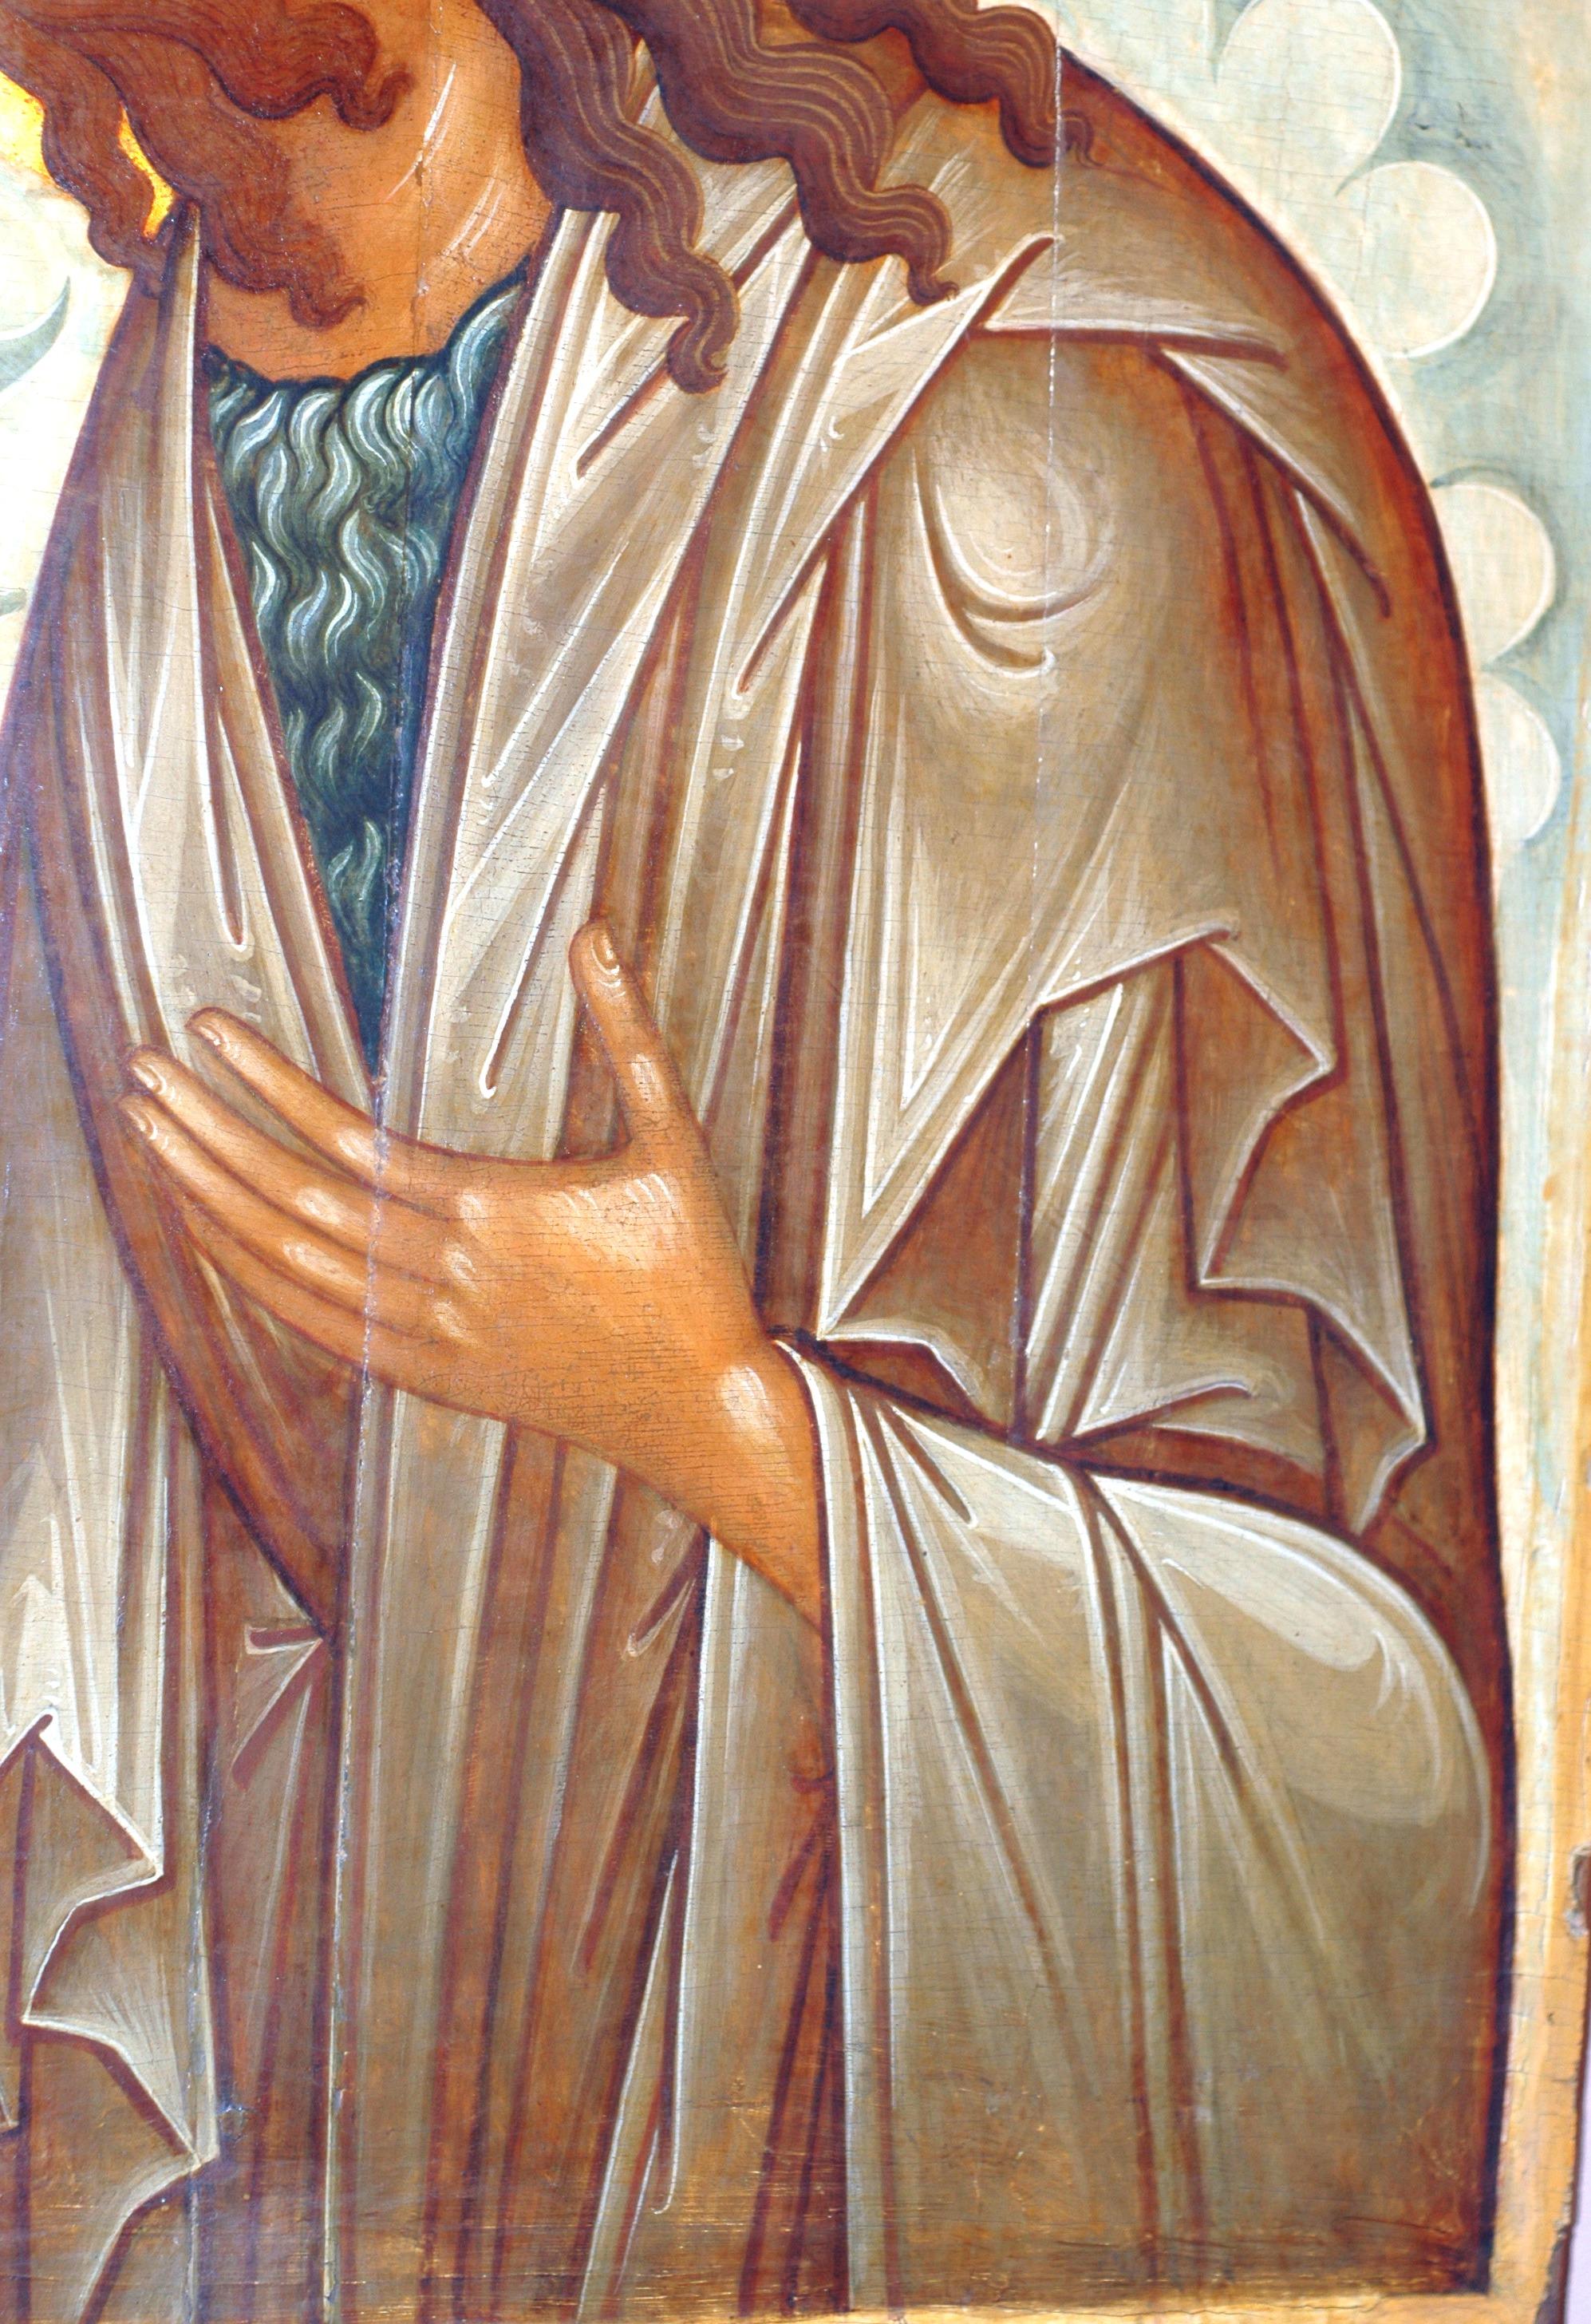 Святой Иоанн Предтеча. Русская икона середины XV века. Фрагмент.